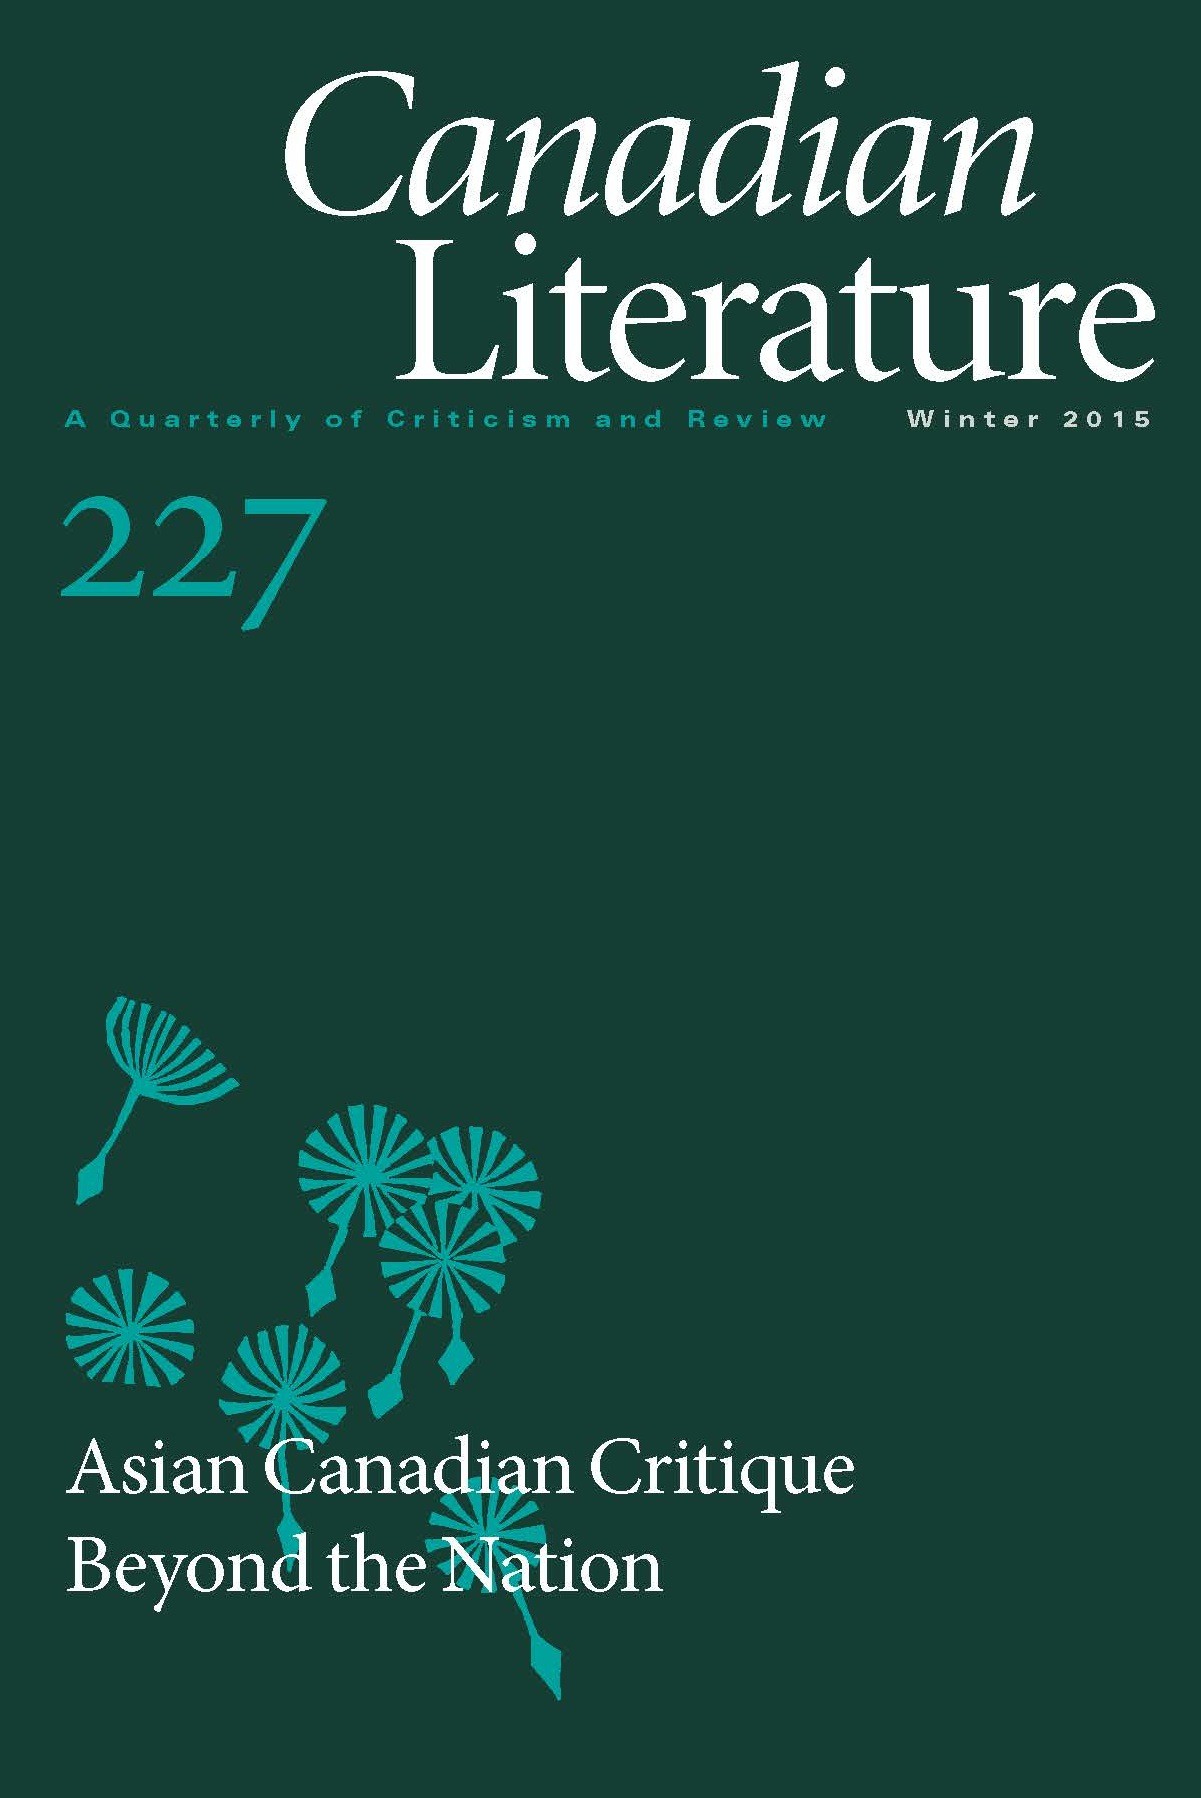 Literature review critique